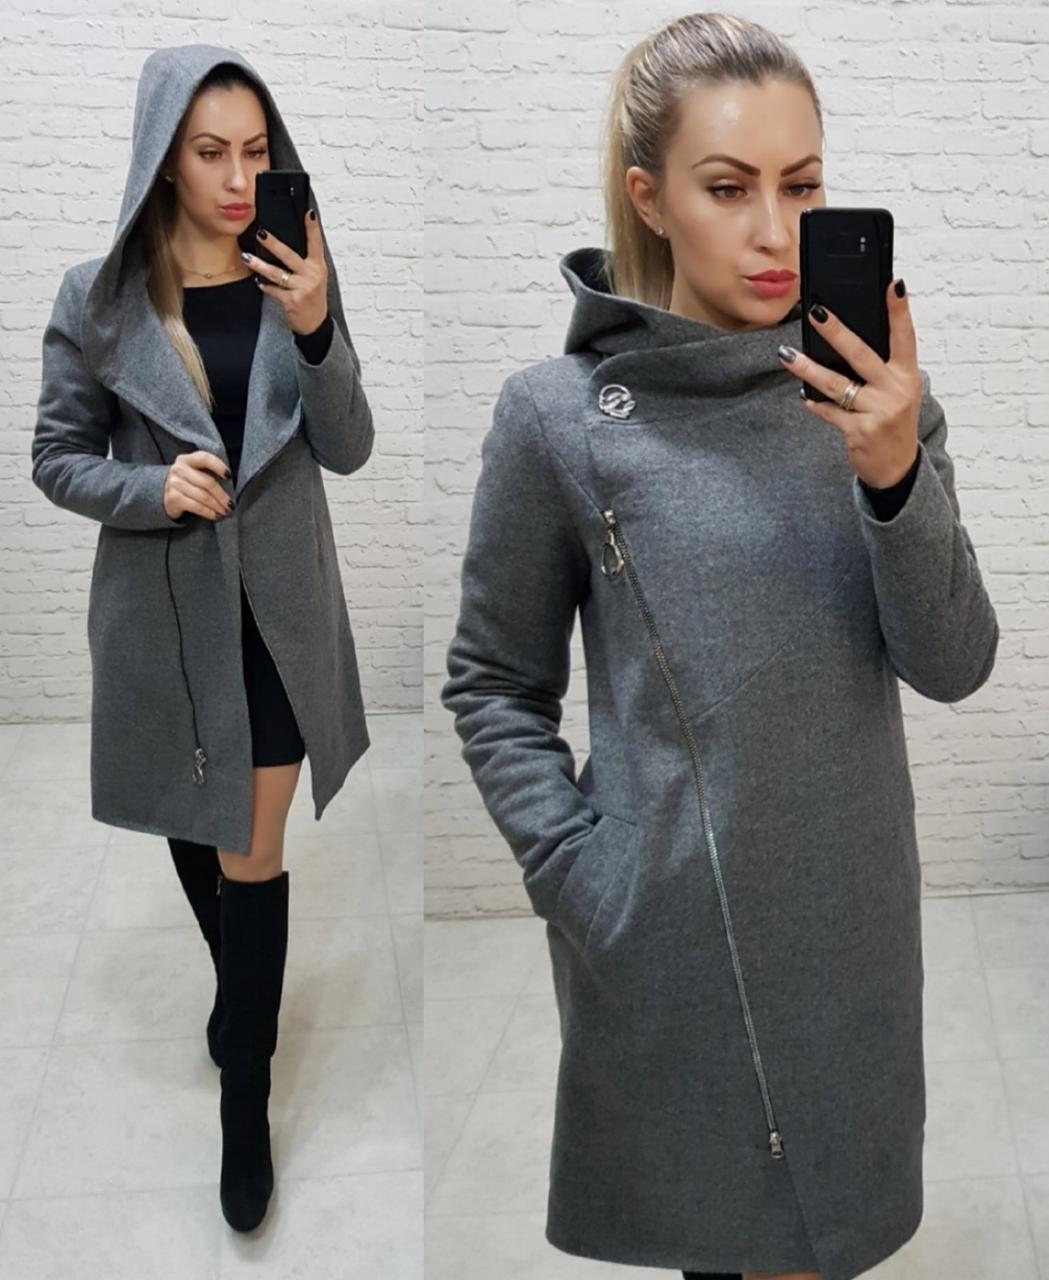 Пальто женское с капюшоном, серое,зима, модель  136